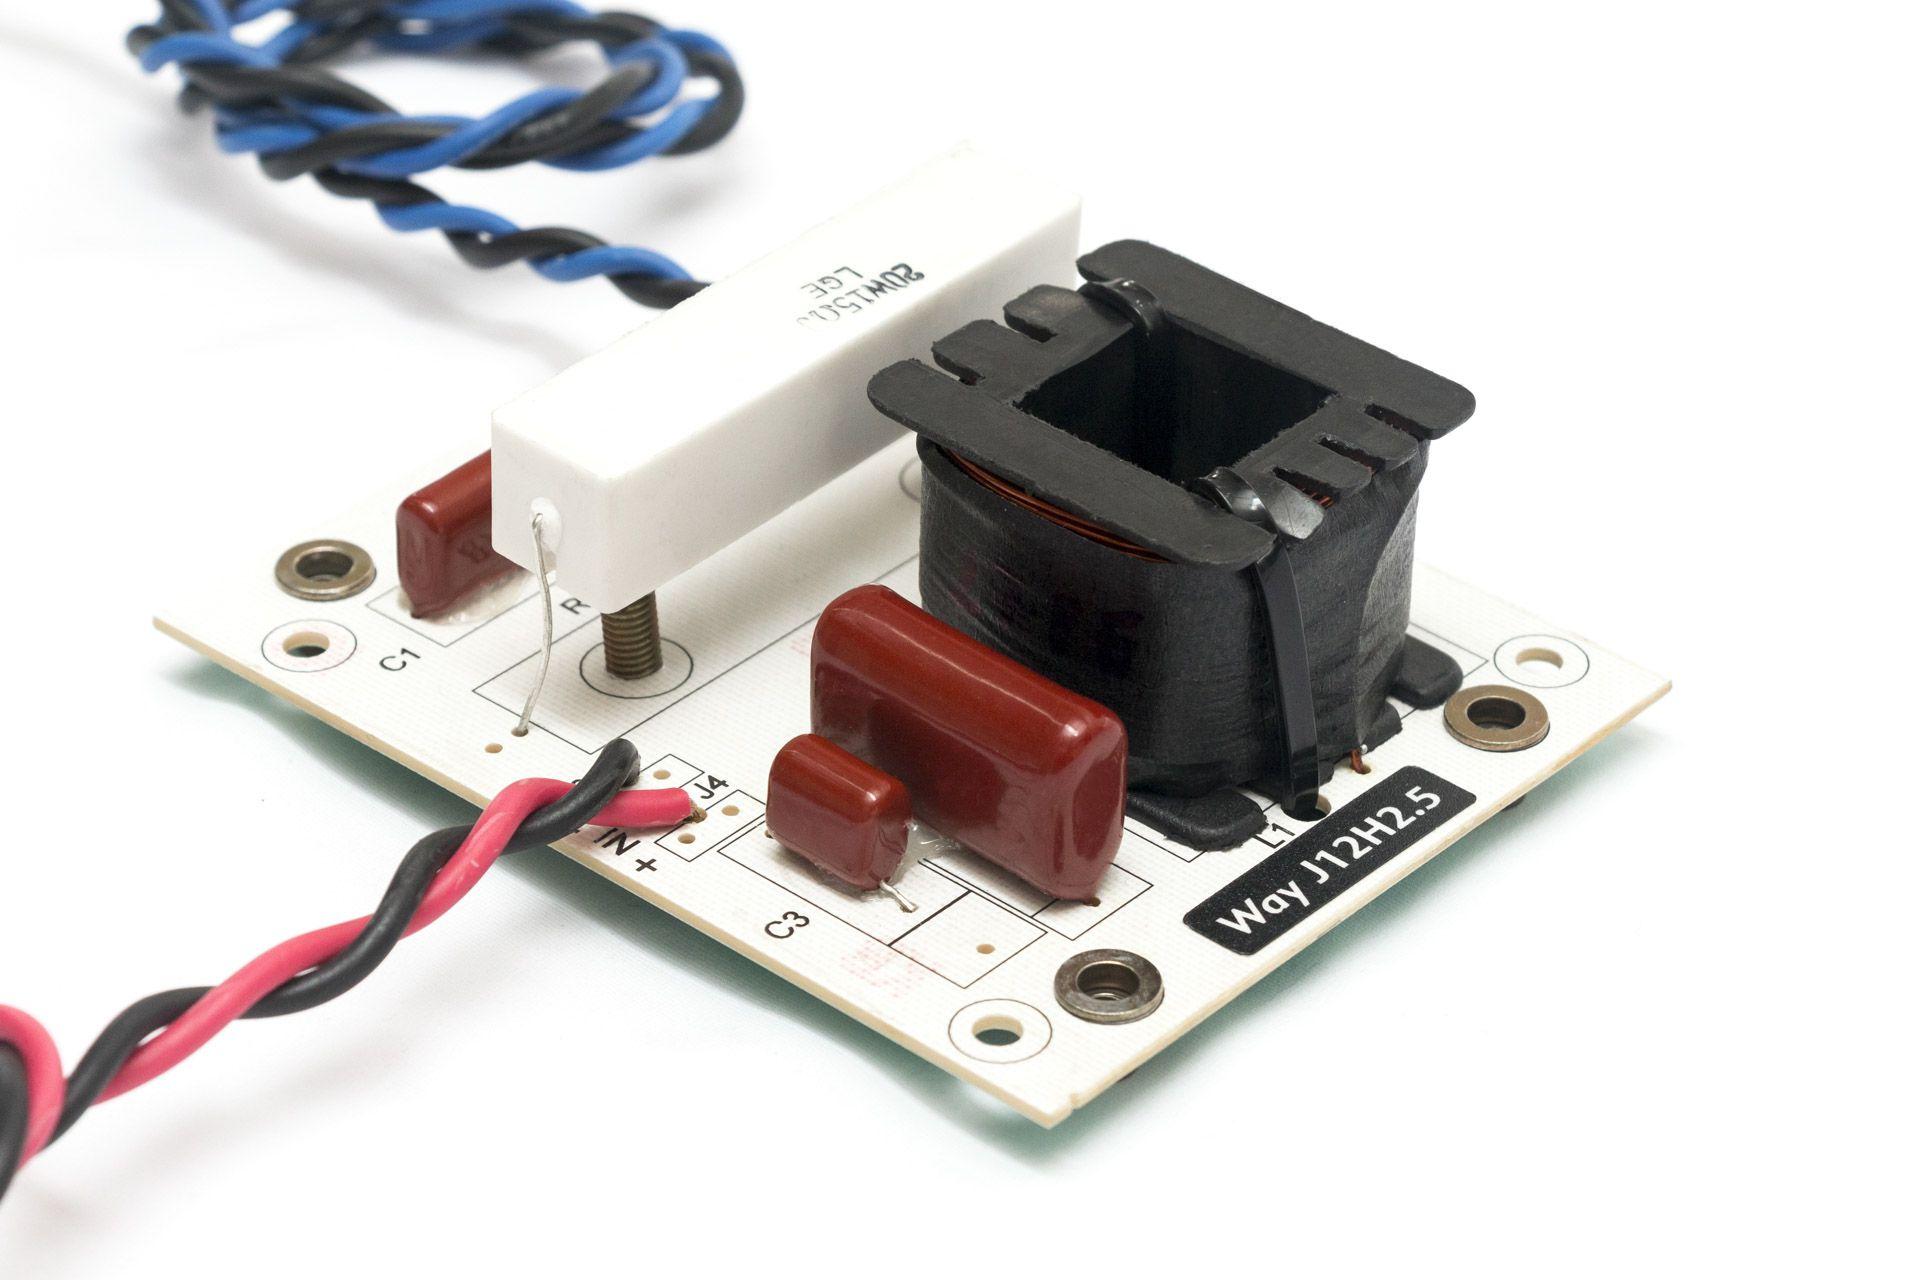 Divisor de frequência Sounder Way J12H2.5